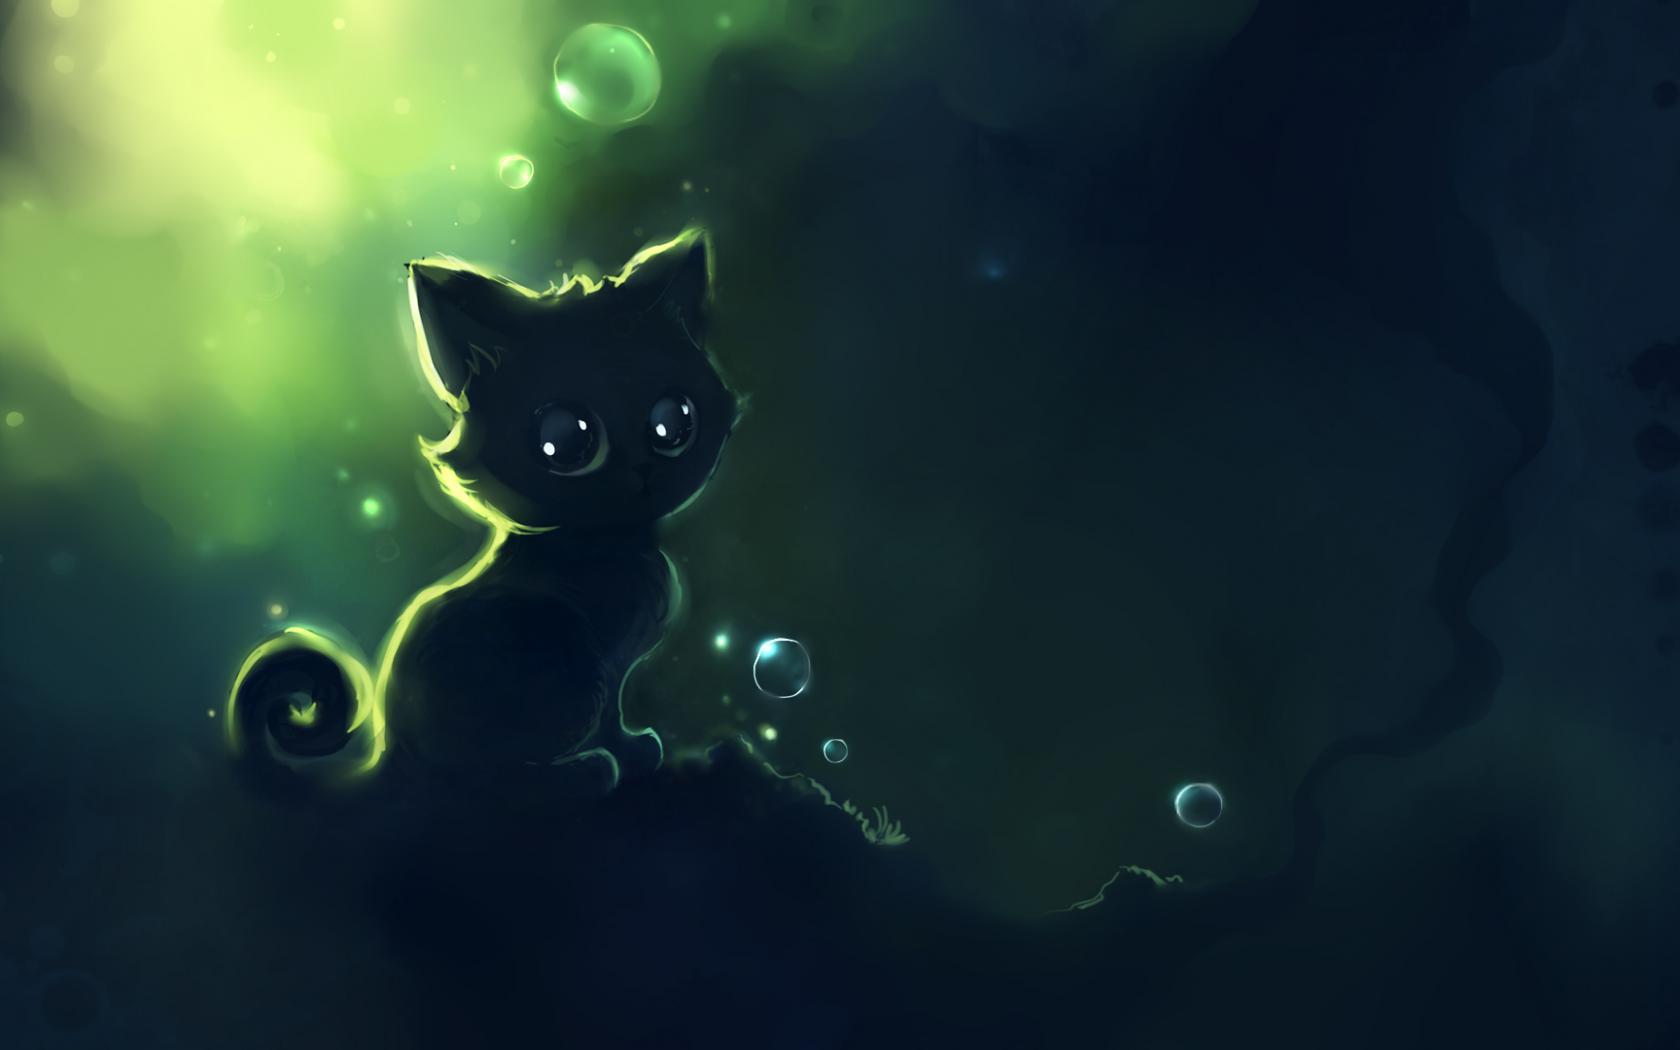 нарисованная кошка обои на рабочий стол № 1412673 бесплатно